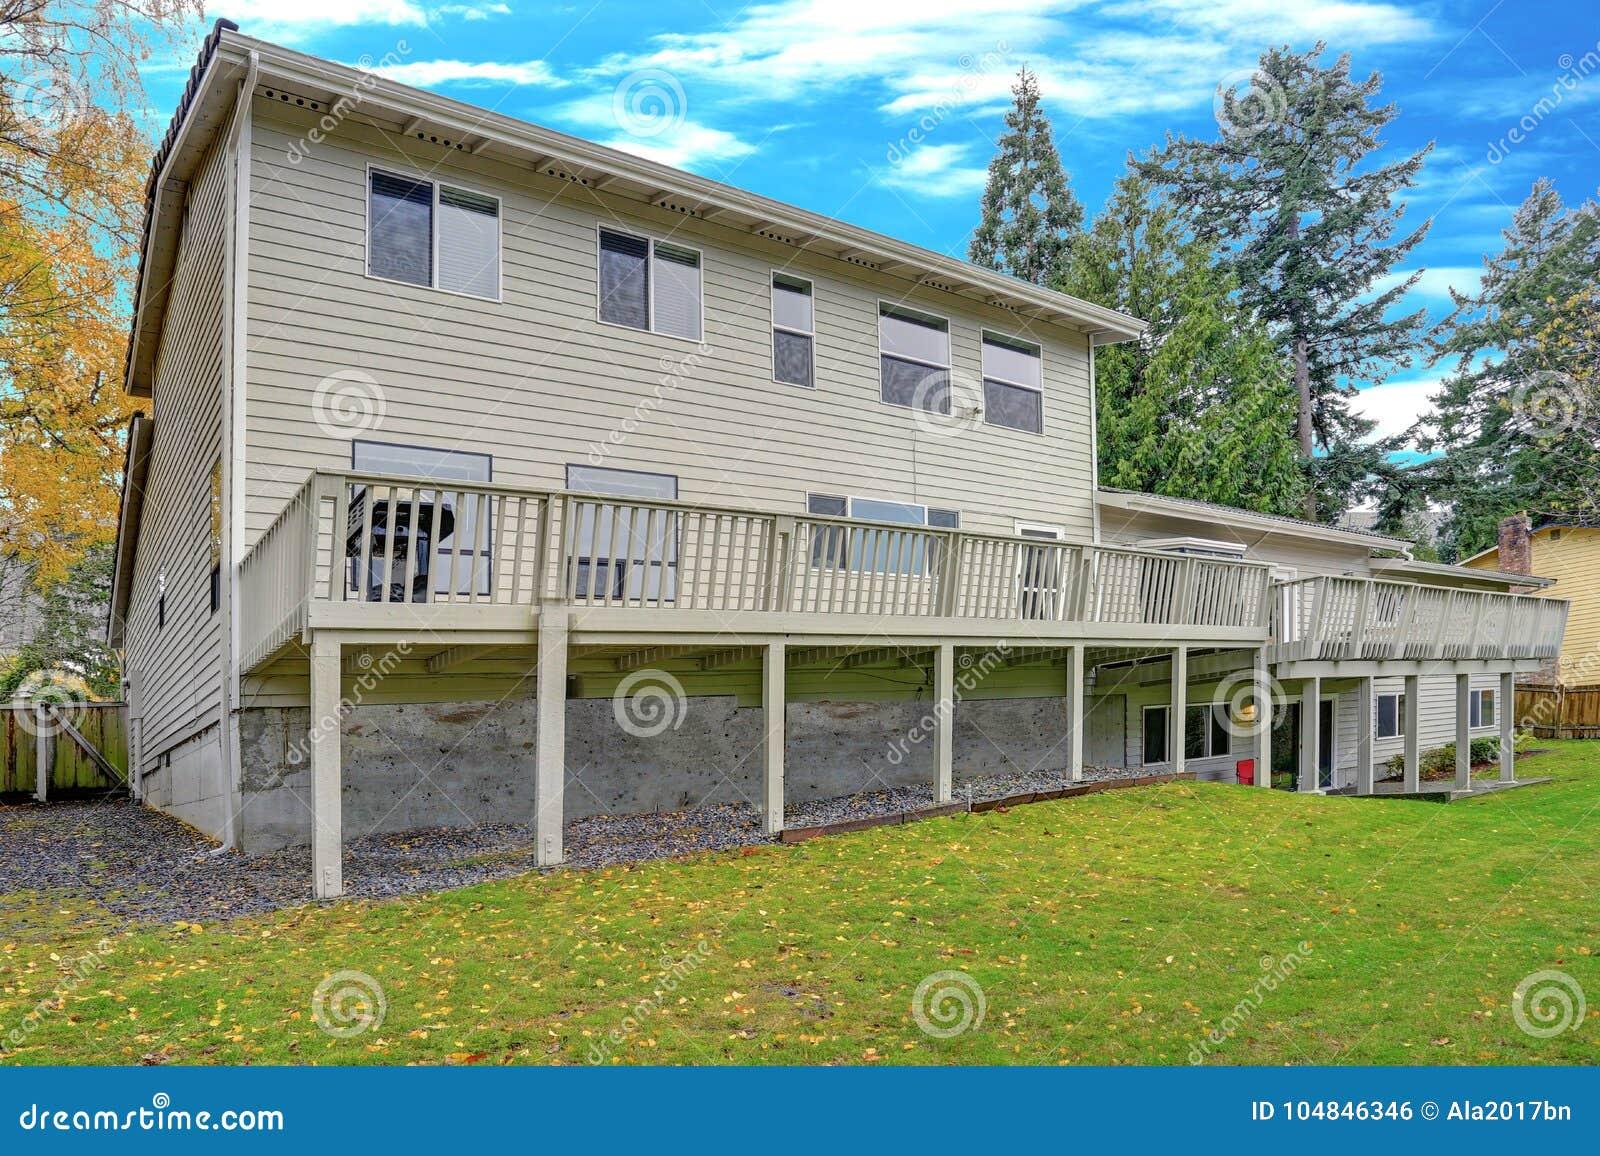 La belle maison comporte une plate-forme enveloppante